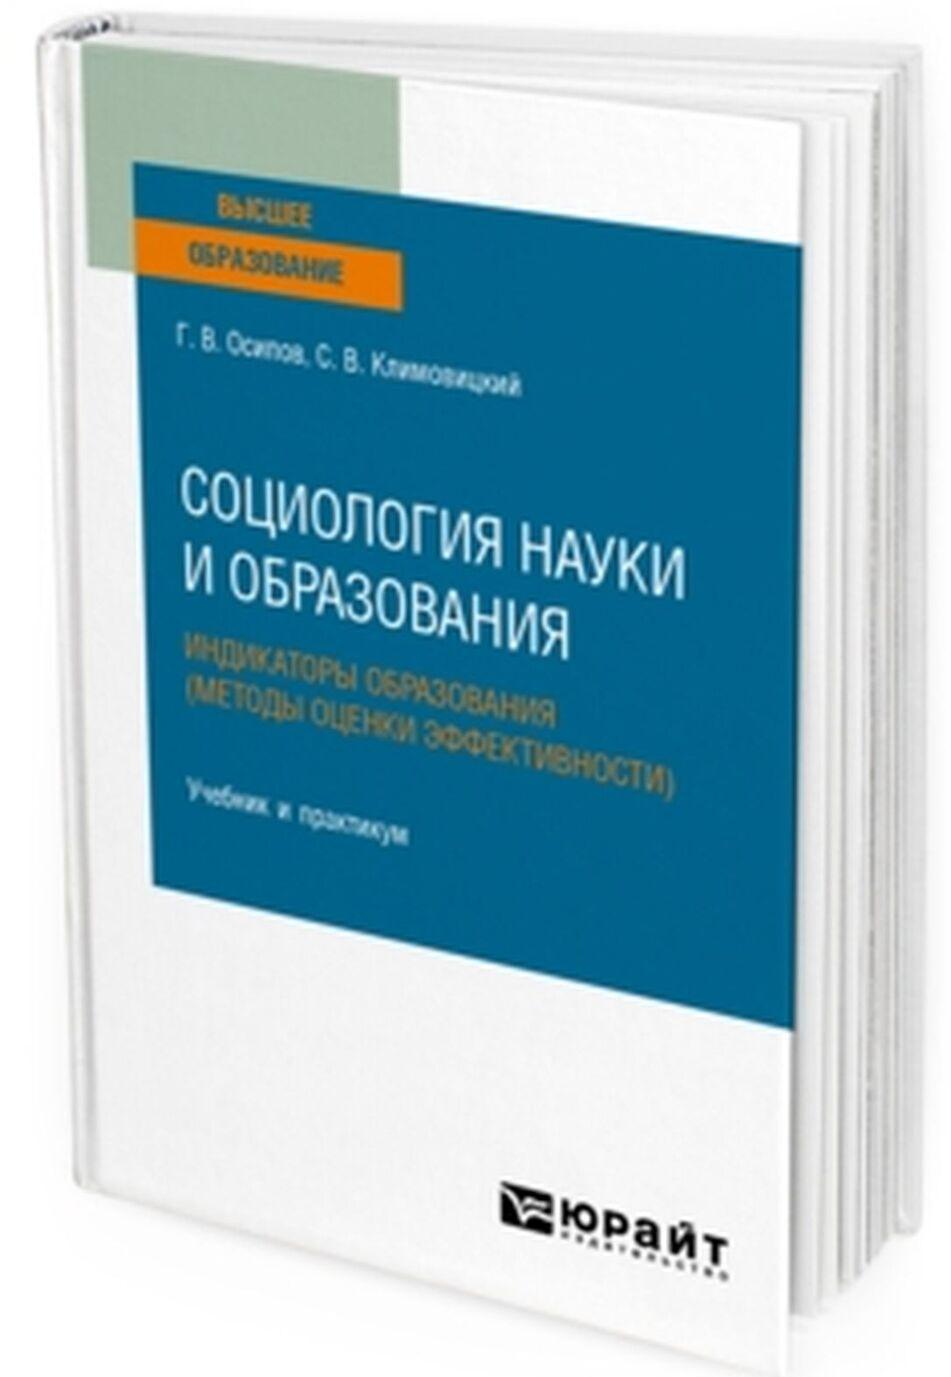 Sotsiologija nauki i obrazovanija. Indikatory obrazovanija (metody otsenki effektivnosti). Uchebnik i praktikum dlja vuzov